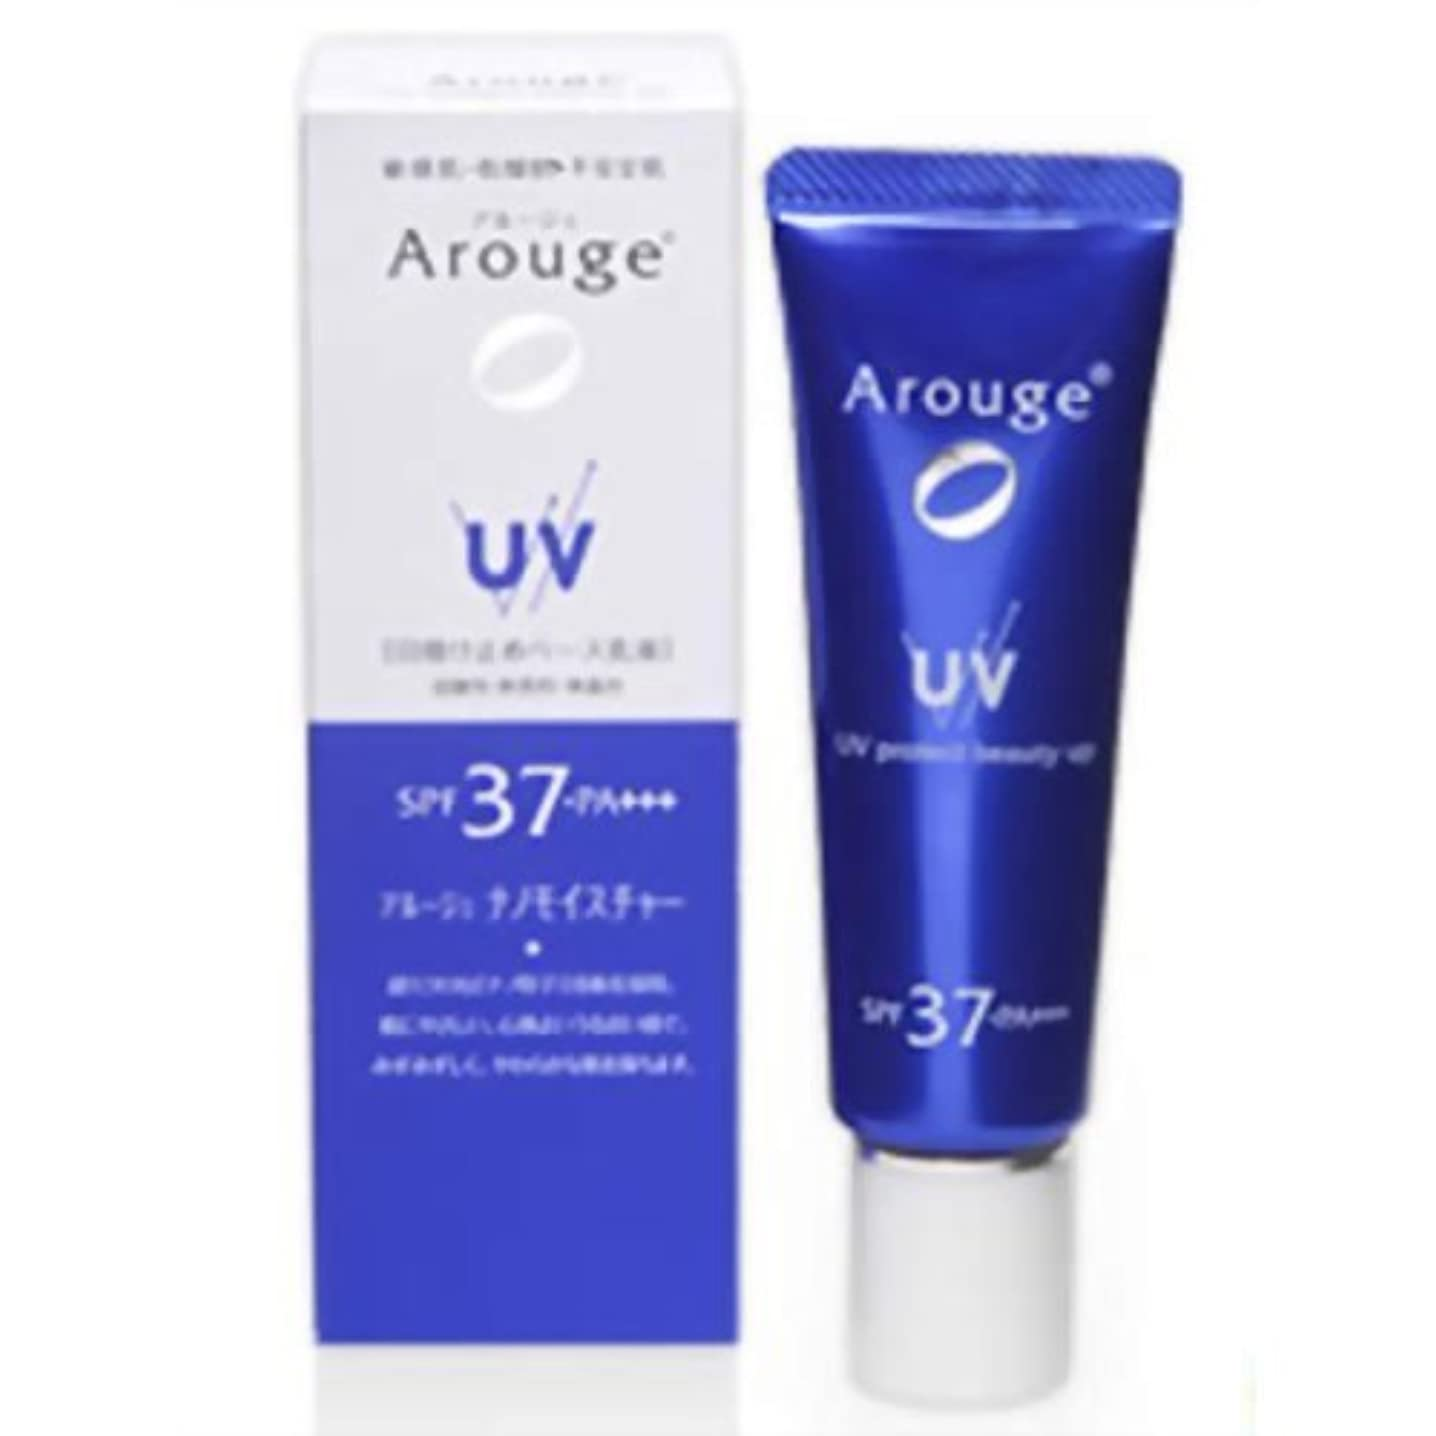 ぴかぴか旅乏しいアルージェ UVプロテクトビューティーアップ 25g